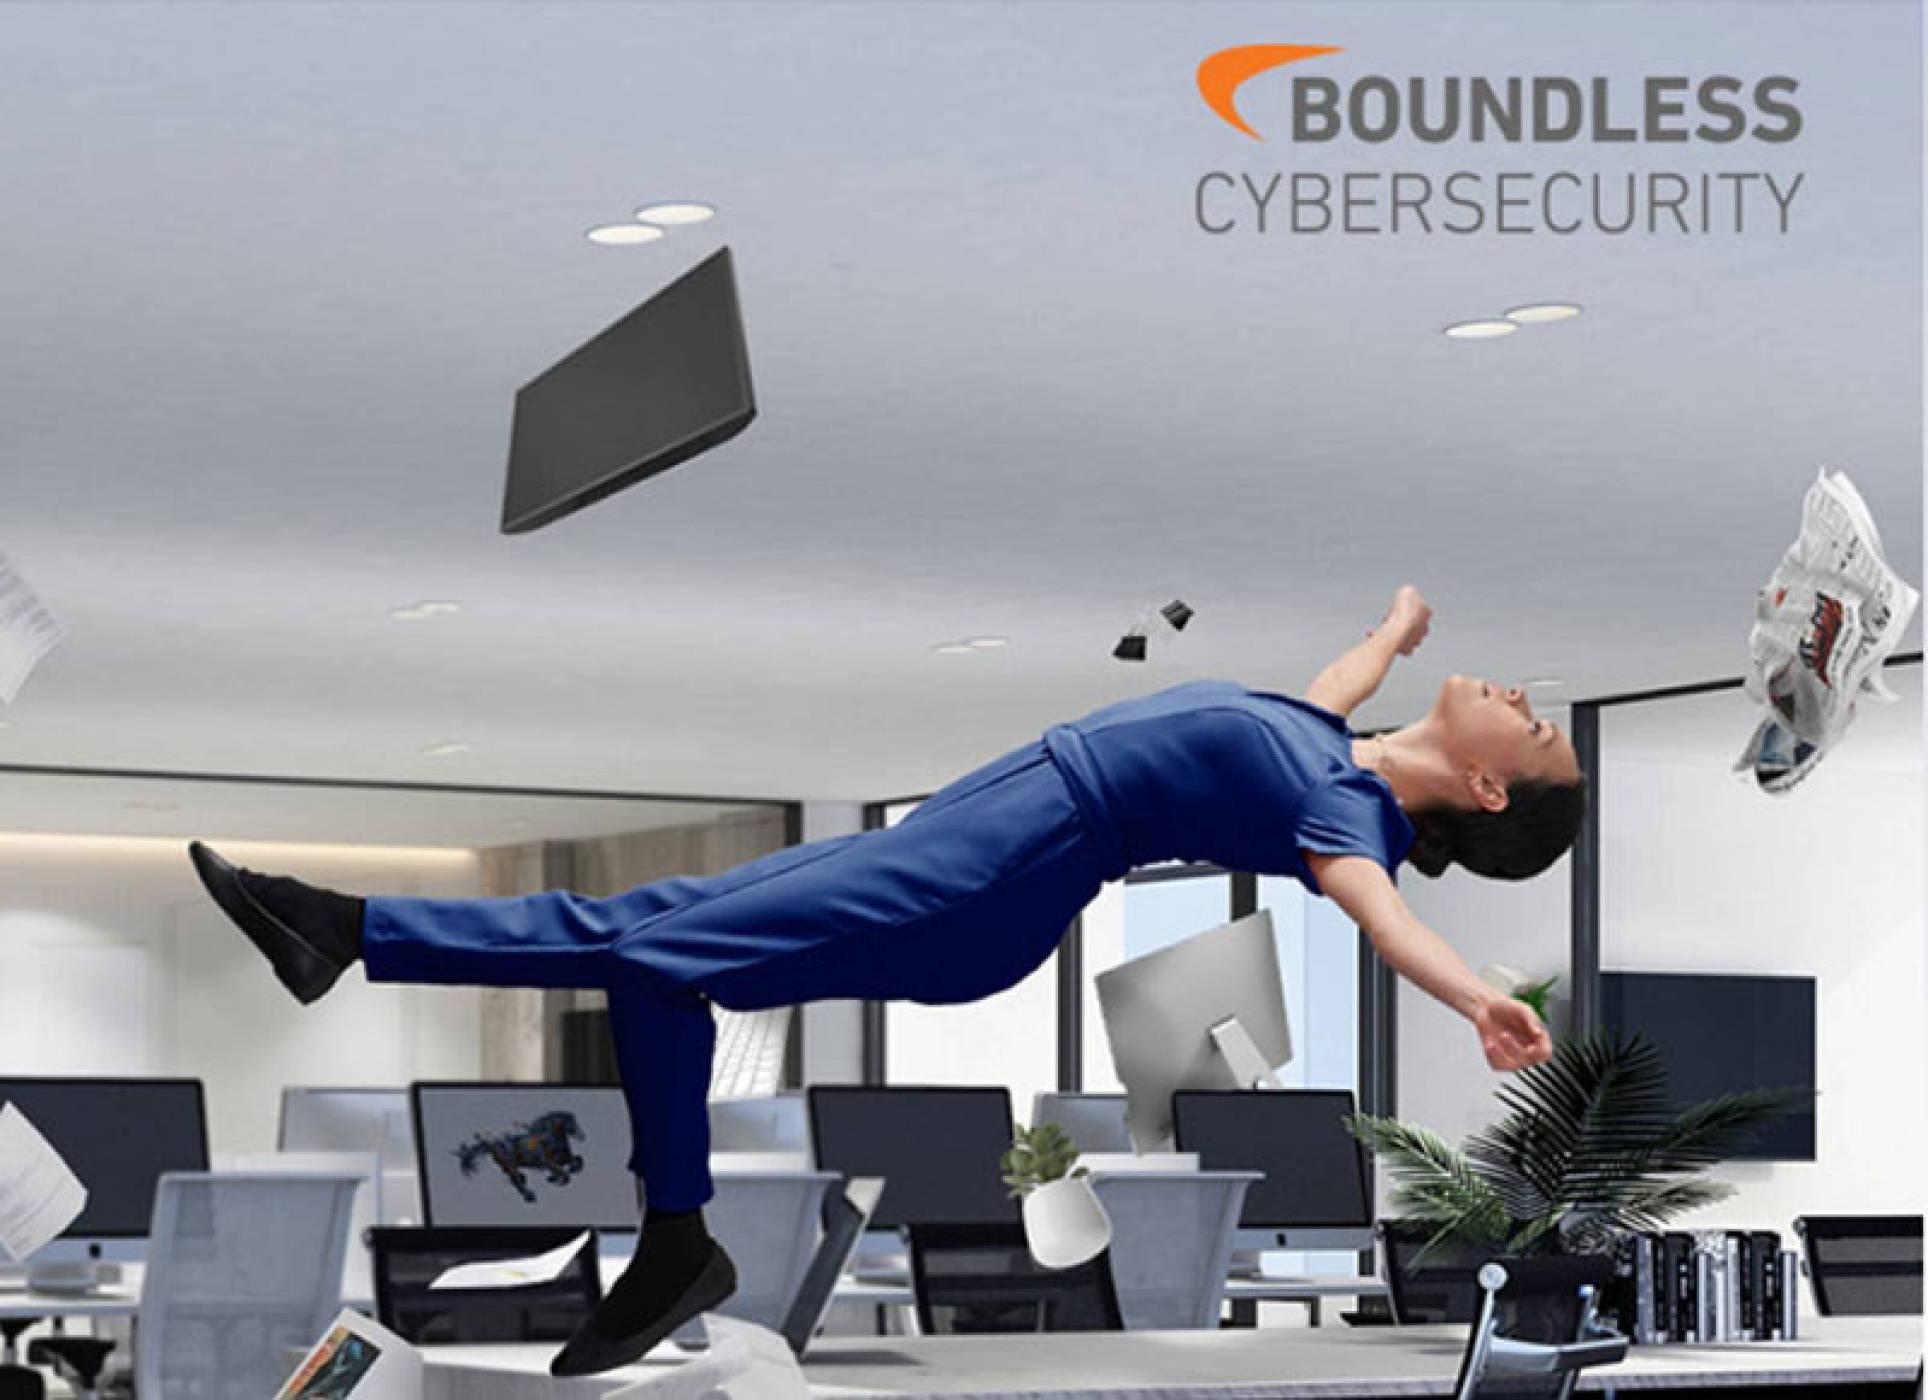 Топ технологичните решения за защита на вашия имейл: хардуерни, софтуерни и дори облачно базирани